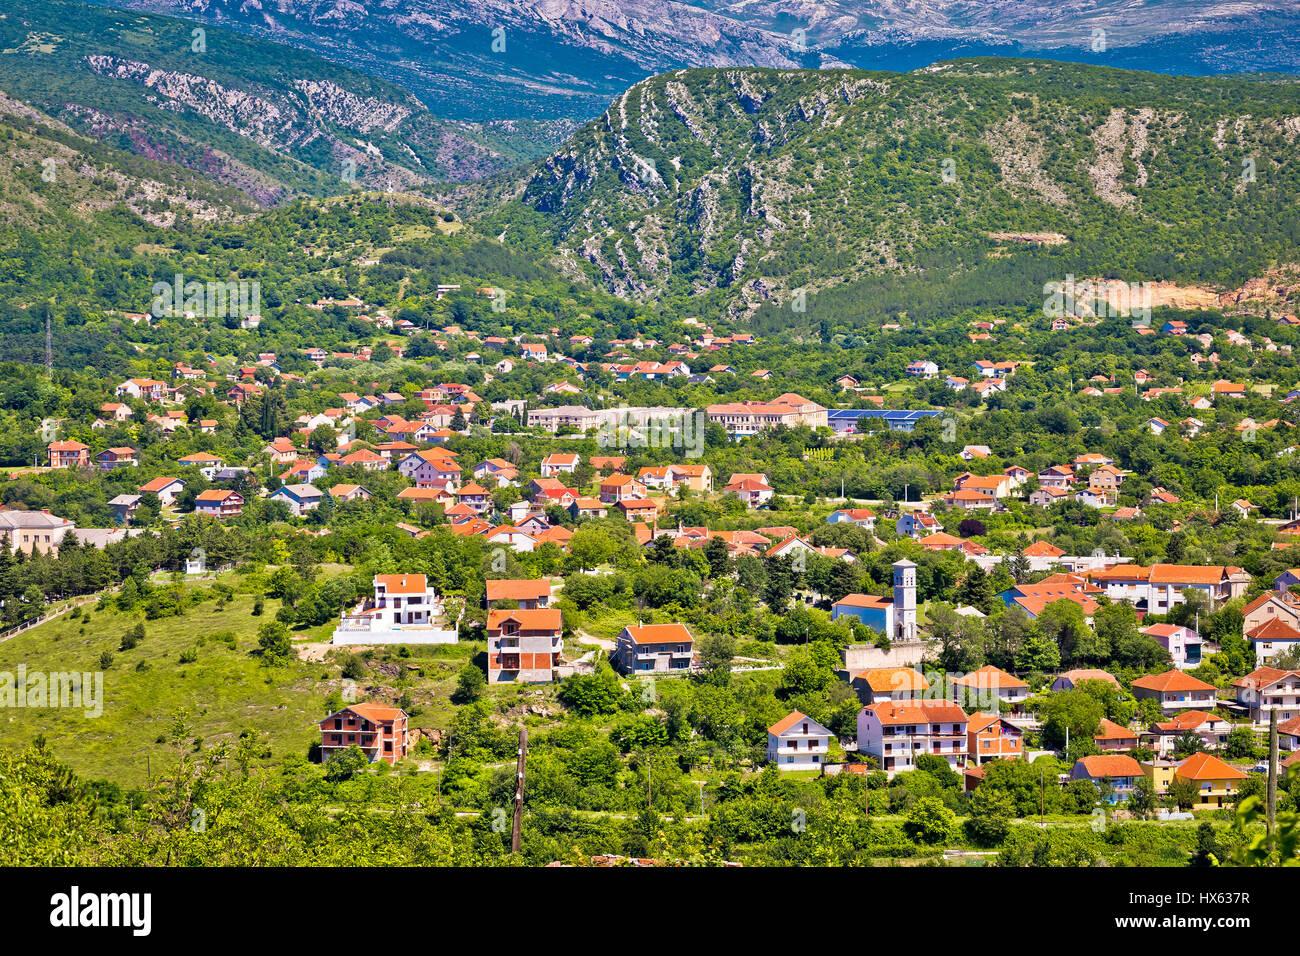 Stadt Knin und Dinara Gebirge, Dalmatinischen Zagora, Kroatien Stockbild